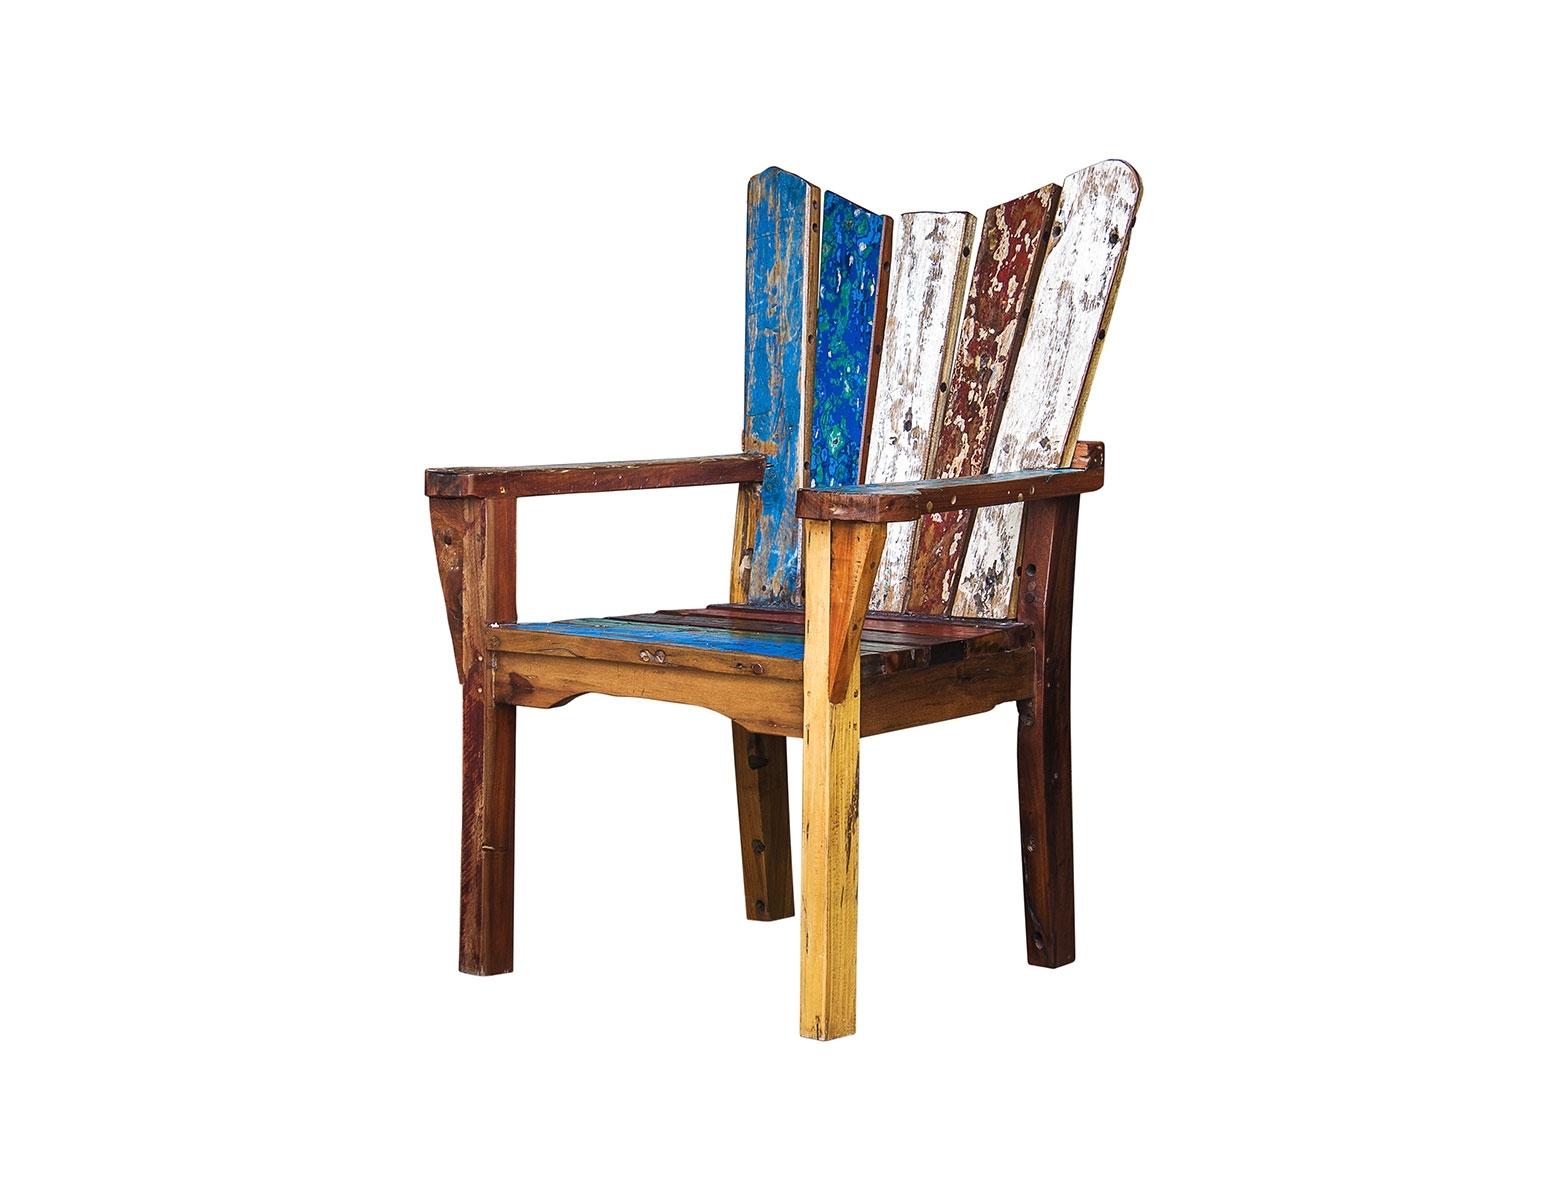 Кресло ЧеховКресла для сада<br>Кресло, выполненное из массива древесины старого рыбацкого судна, такой как: тик, махагон, суар, с сохранением оригинальной многослойной окраски.<br><br>С 2 подлокотниками, подходит для работы и отдыха.<br>Подходит для использования как внутри помещения, так и снаружи.<br>Сборка не требуется.<br><br>Material: Тик<br>Width см: 75<br>Depth см: 65<br>Height см: 110